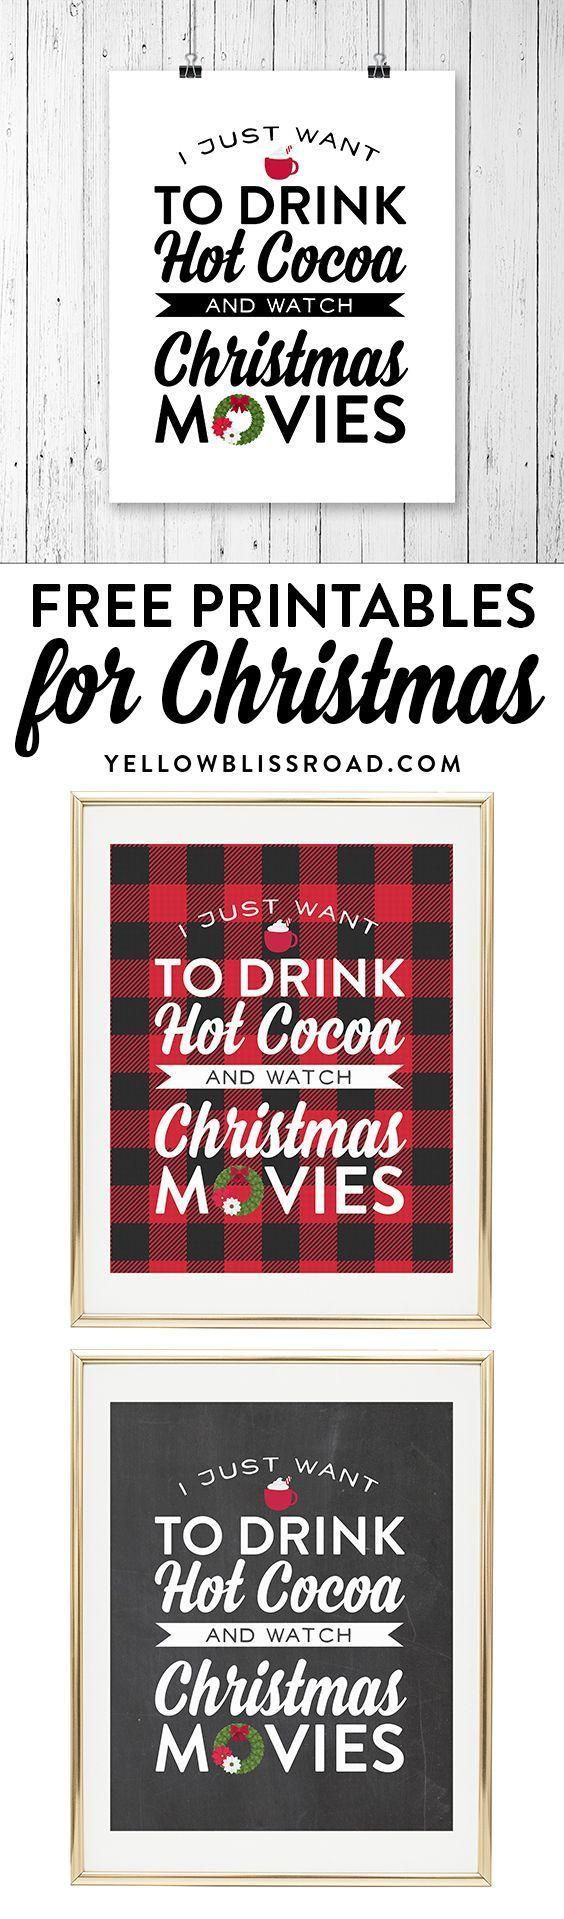 Free Printable for Christmas Movie Night! #Christmas #Movies | Holiday Family Fun